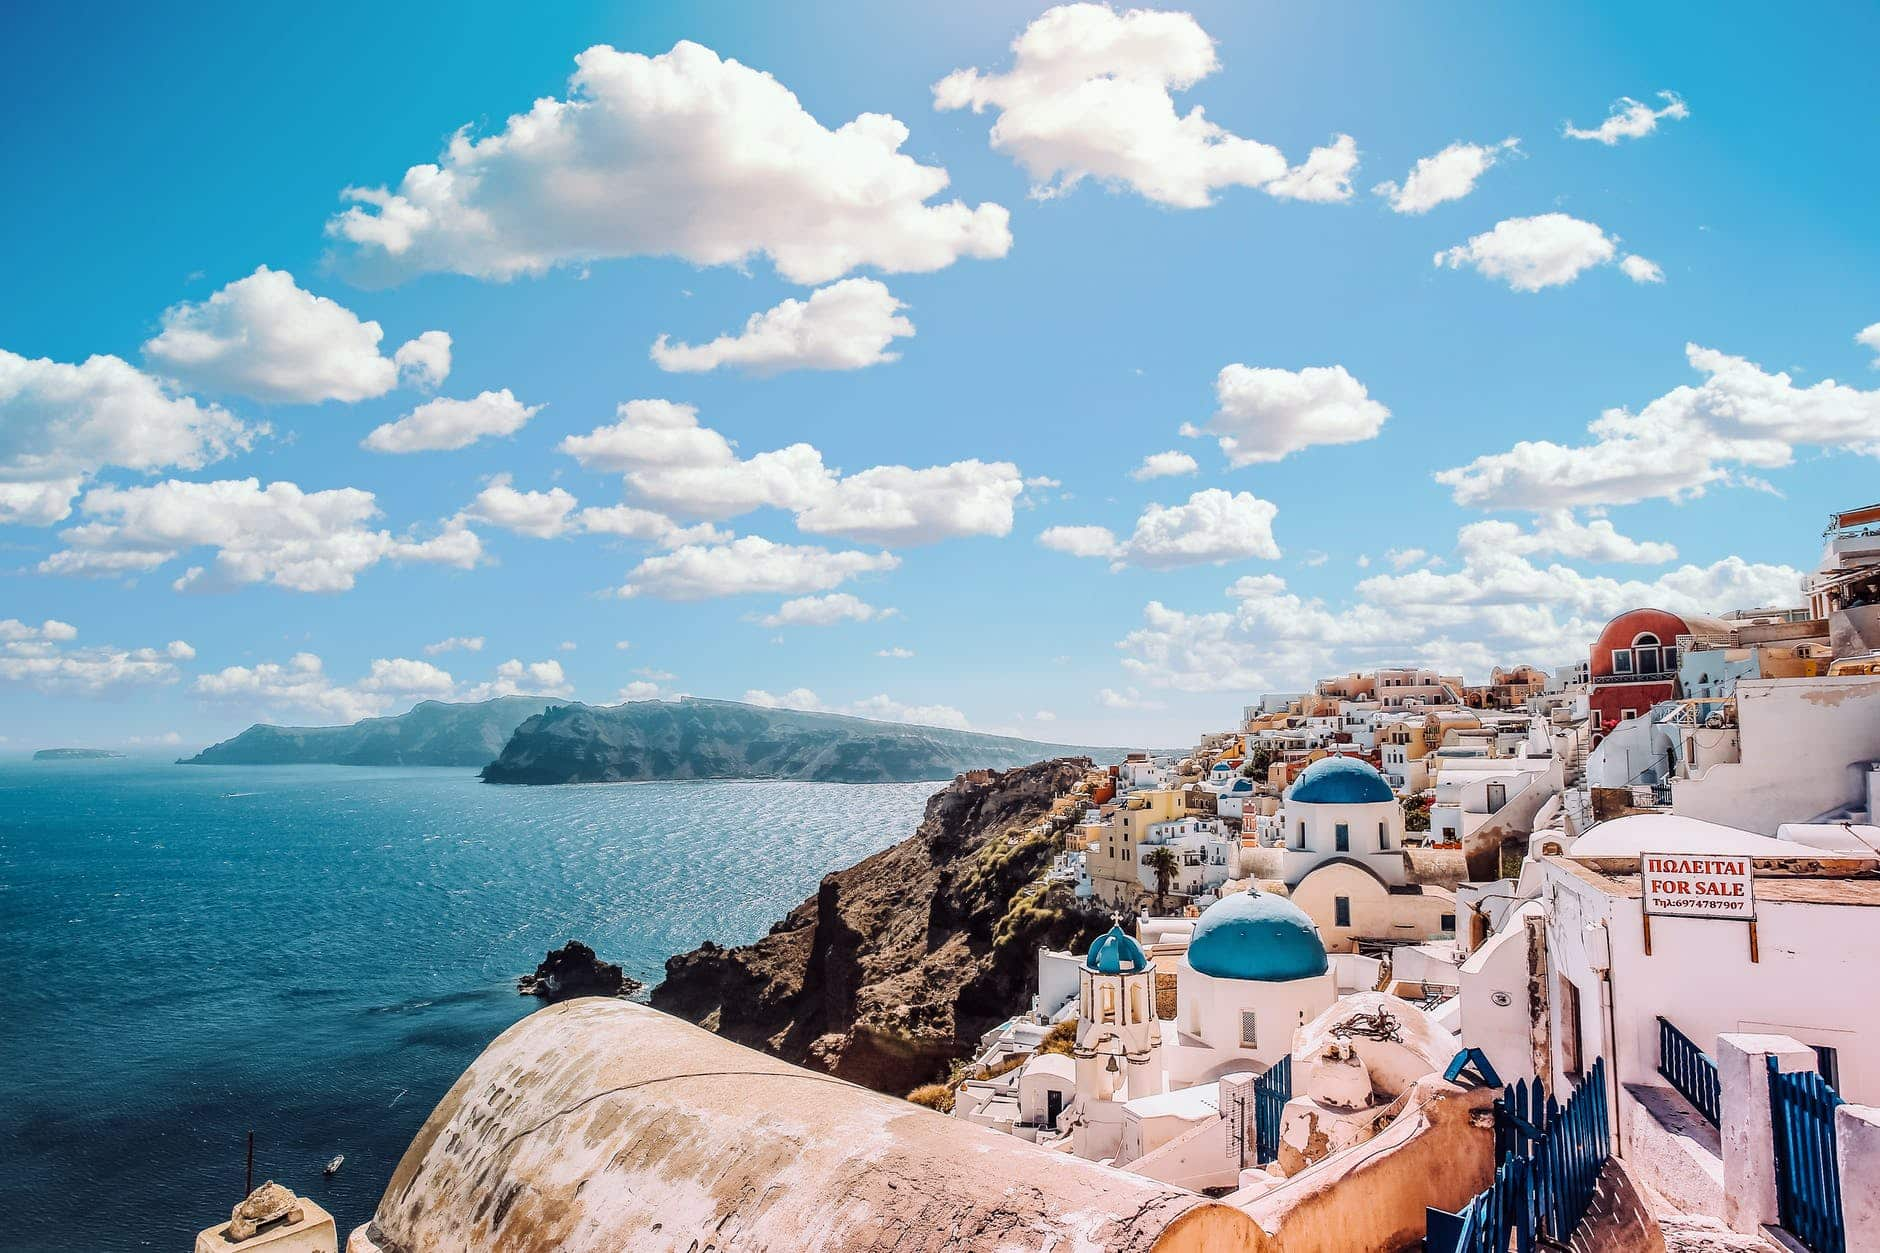 Traumkulisse: Ein Urlaub auf den griechischen Inseln ist einfach herrlich.